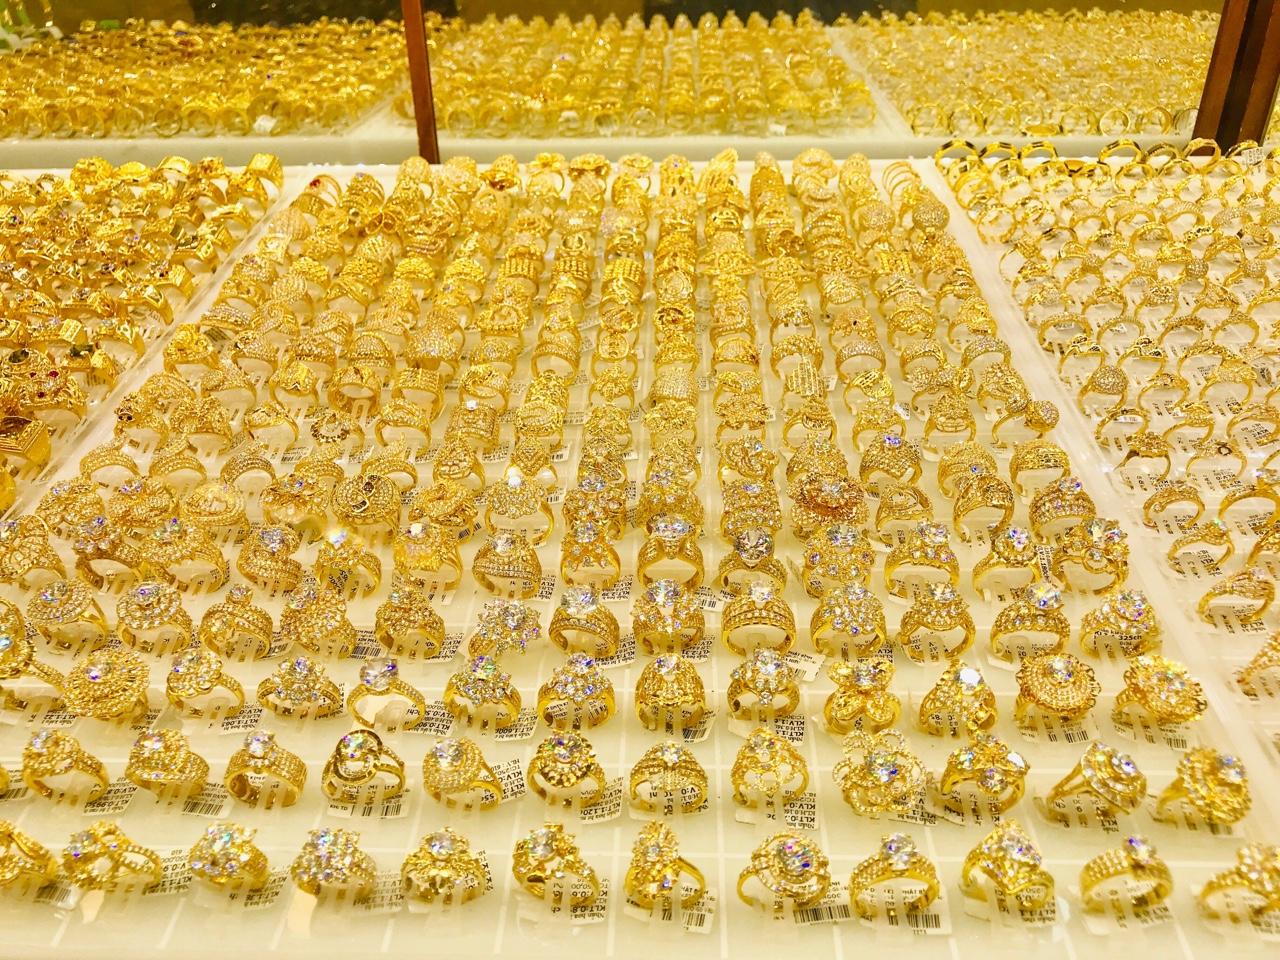 Vừa vượt ngưỡng 51 triệu đồng/lượng, giá vàng SJC lại tiếp tục tăng - Ảnh 1.